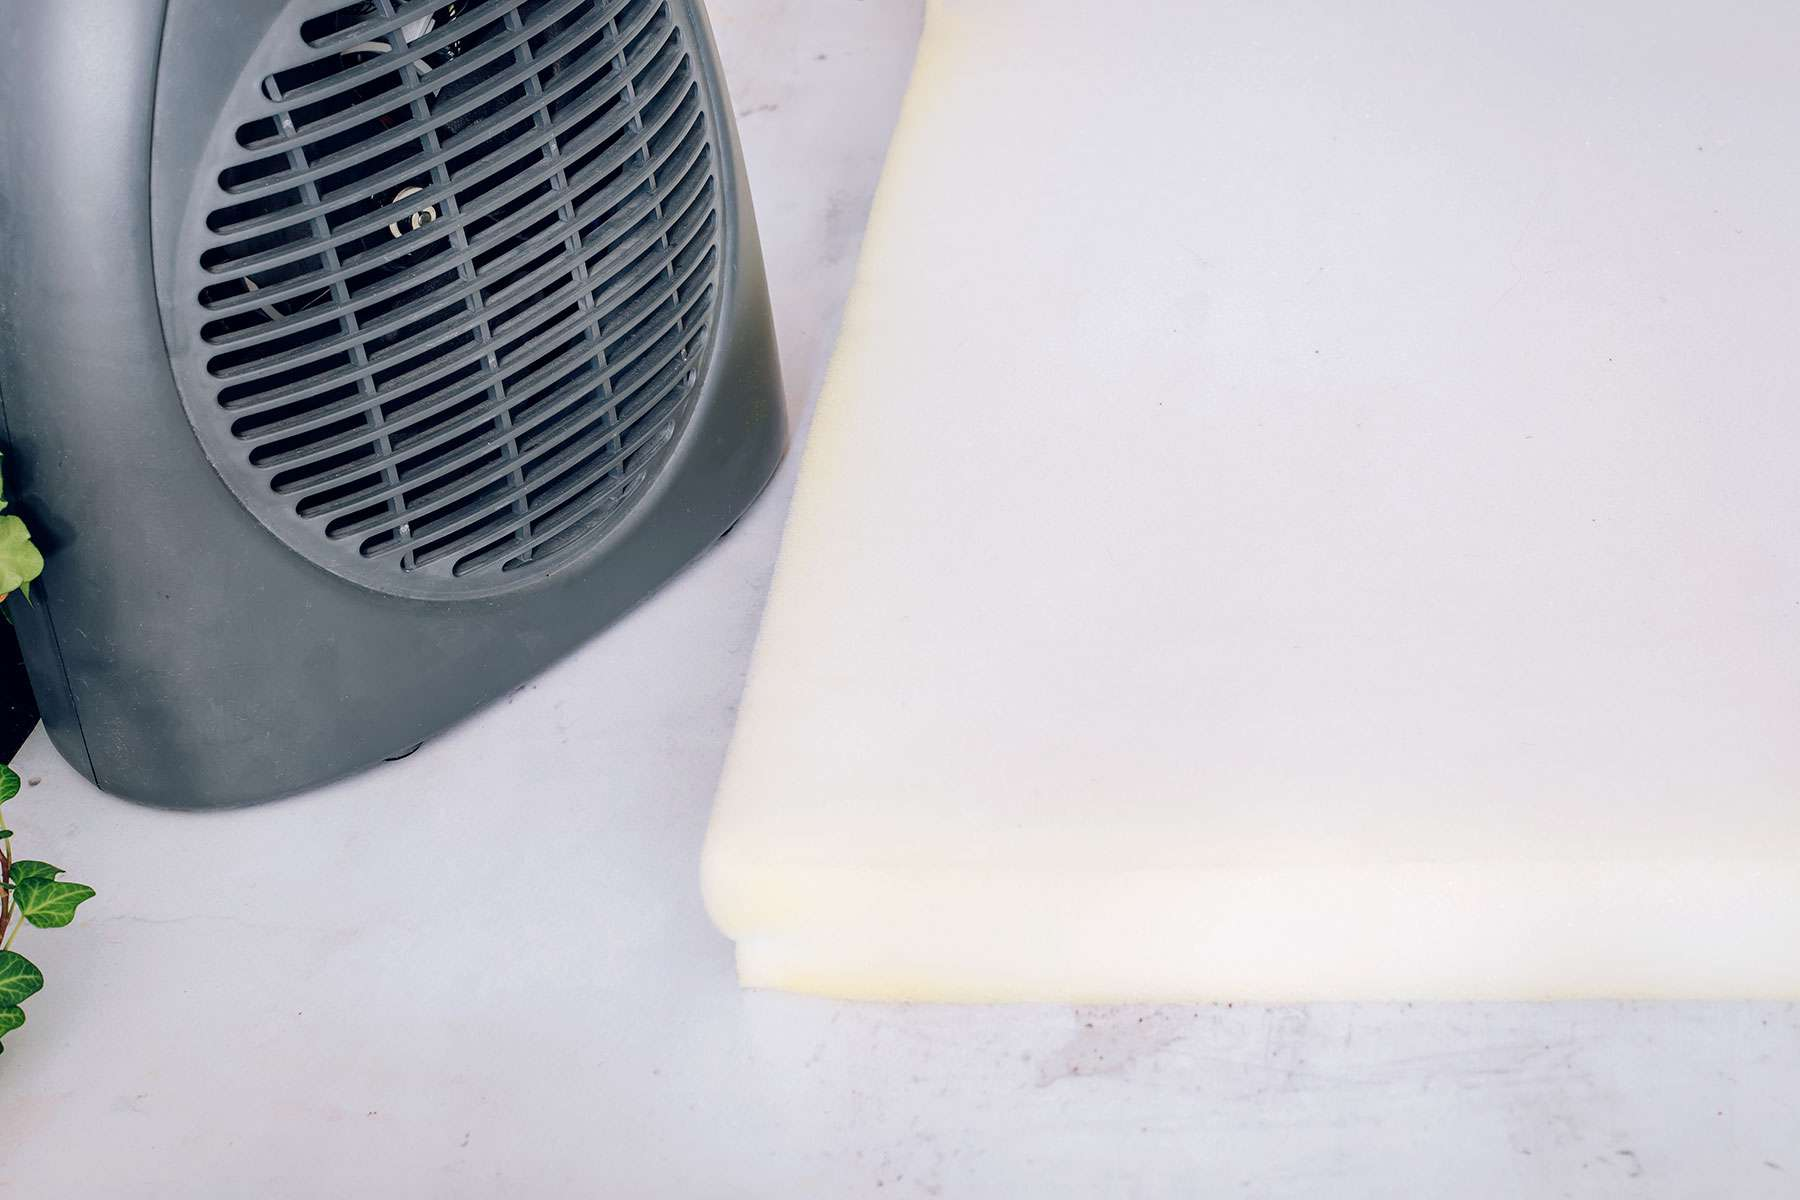 Foam mattress pad air dried with gray fan